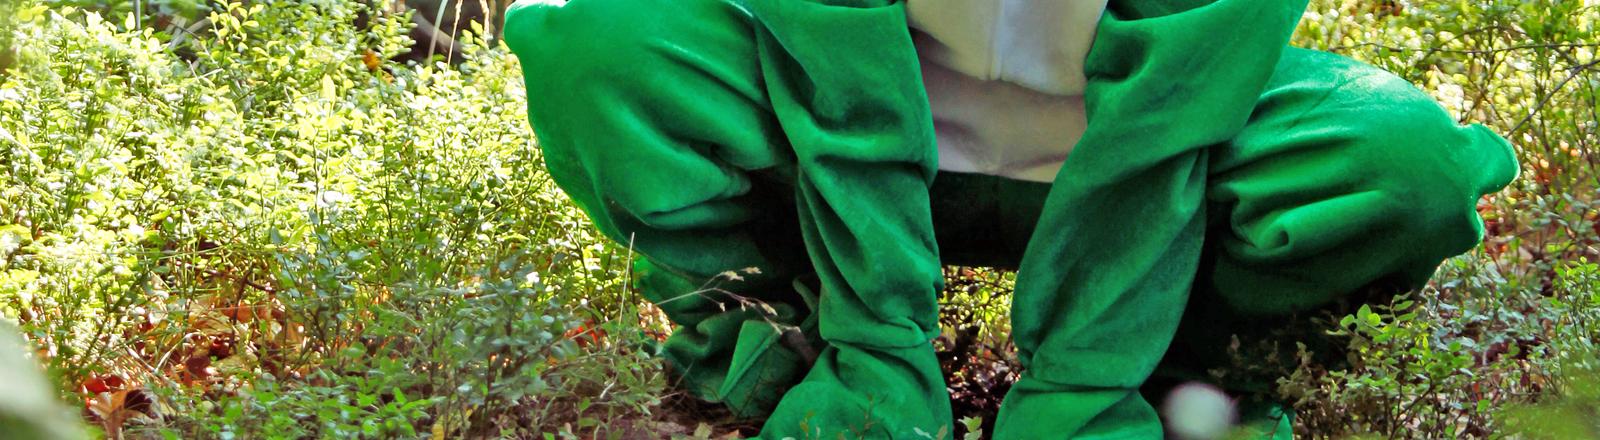 Mensch in einem Froschkostüm in der Hocke